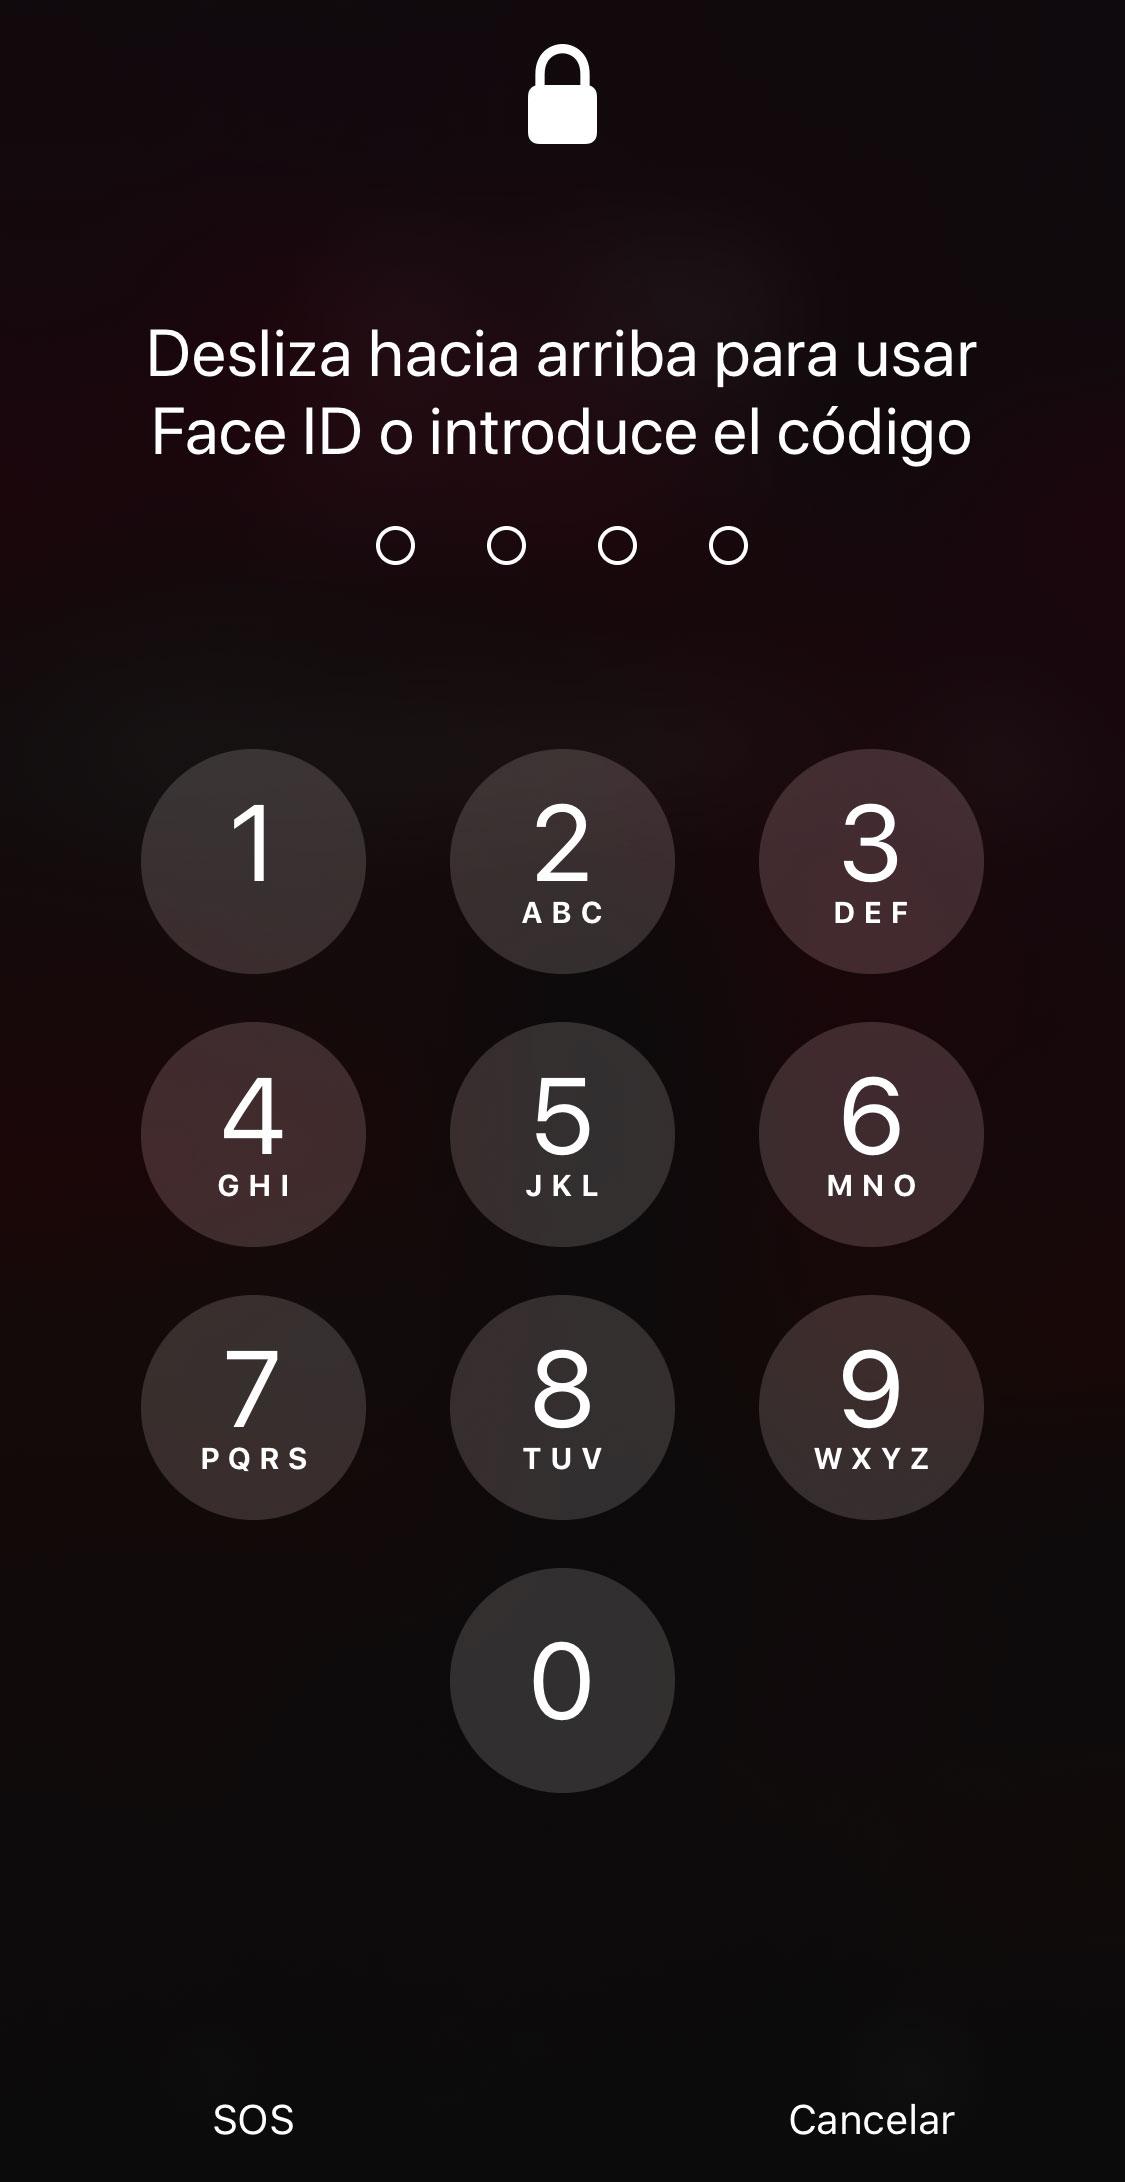 Código de desbloqueo en el iPhone